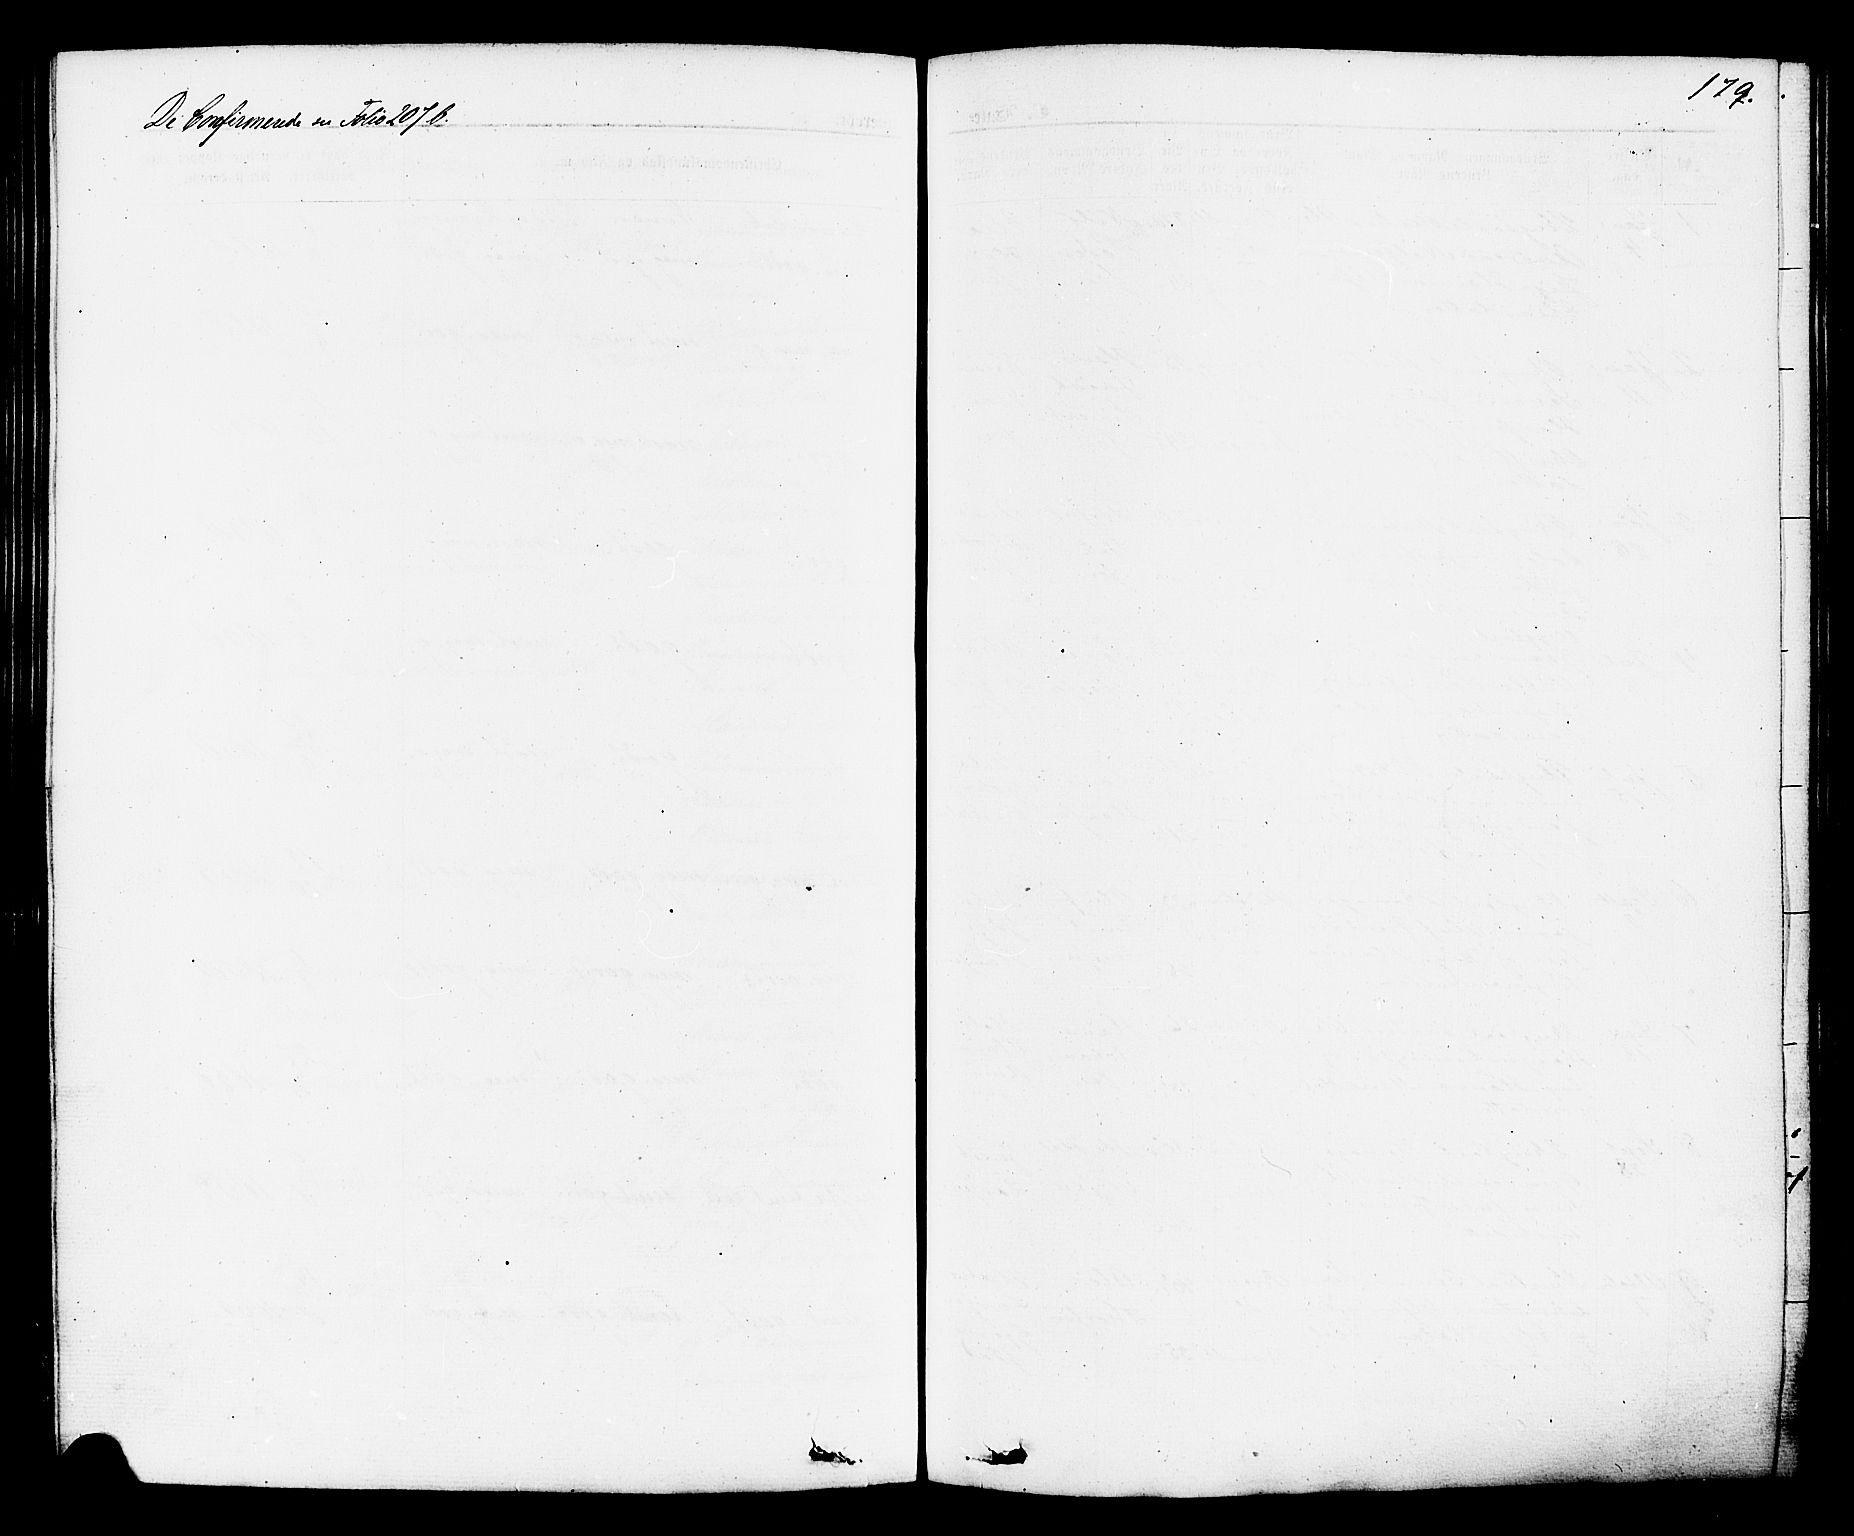 SAKO, Brevik kirkebøker, F/Fa/L0006: Ministerialbok nr. 6, 1866-1881, s. 179